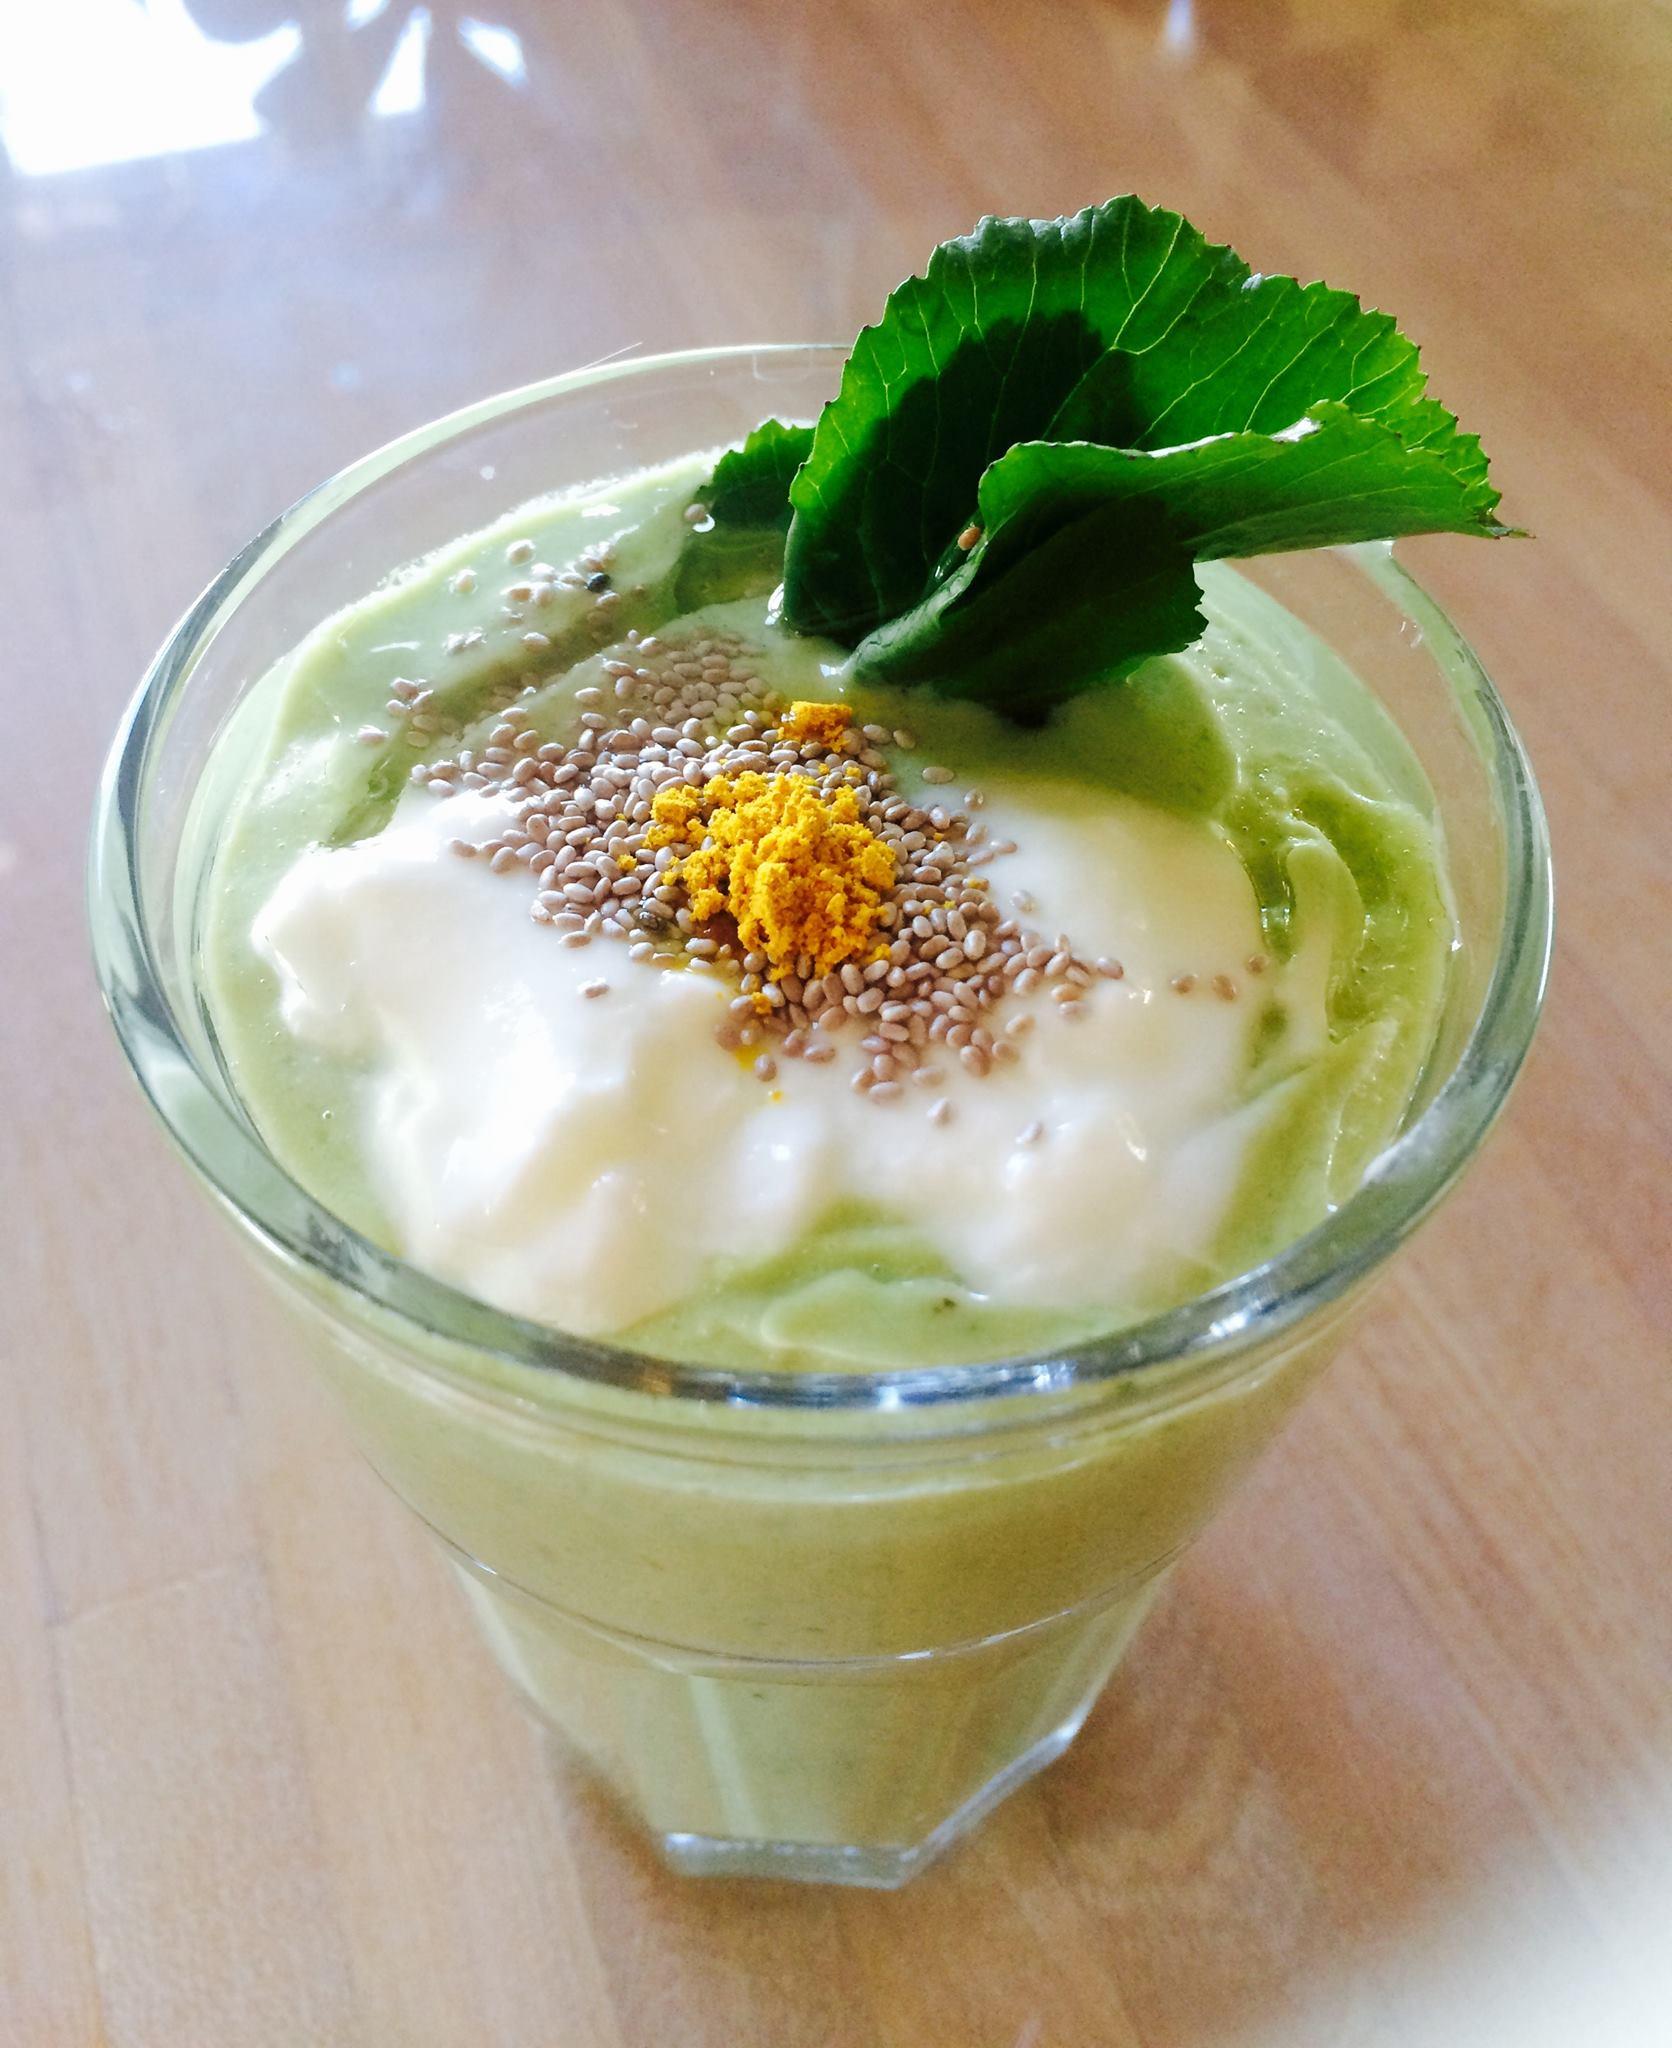 毎朝のグリーンスムージー。今朝のは大根の葉っぱ入り、体内クレンジングスムージー